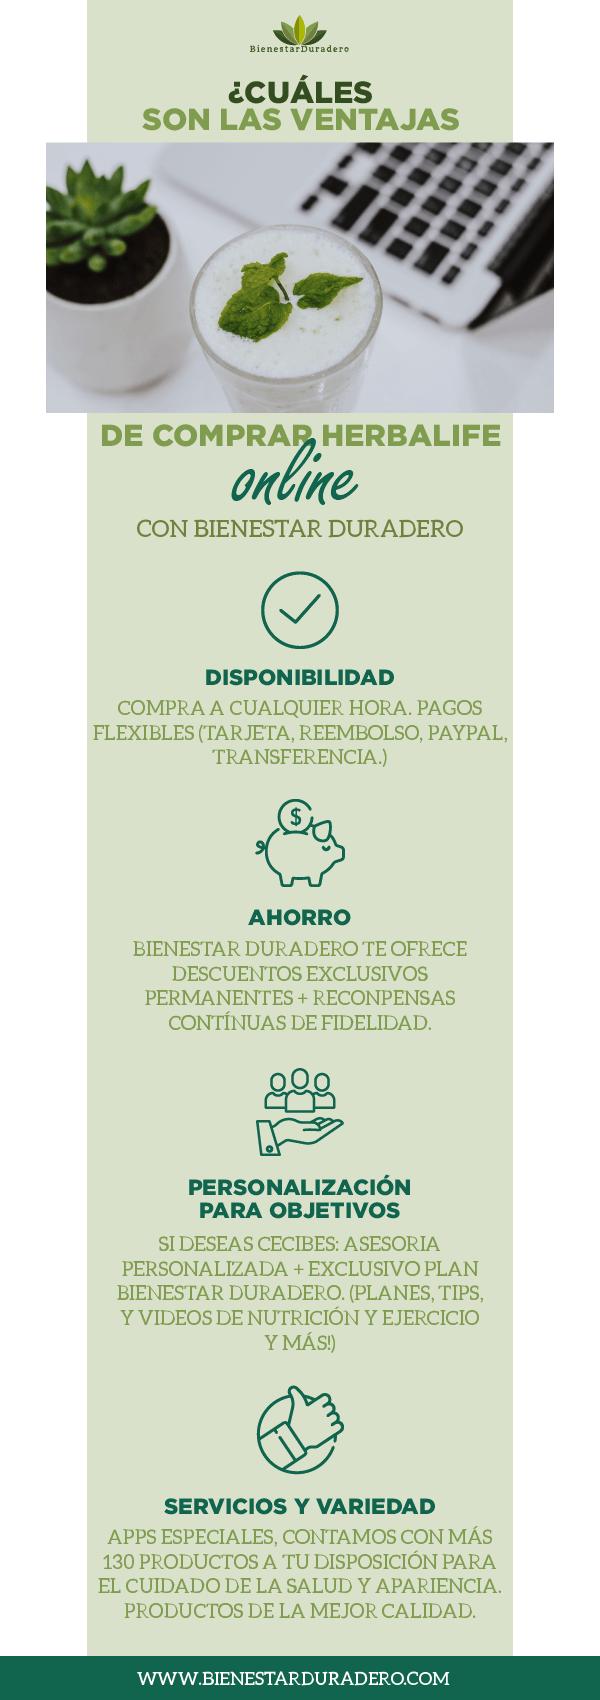 Conoce Cuáles son las ventajas de comprar herbalife online